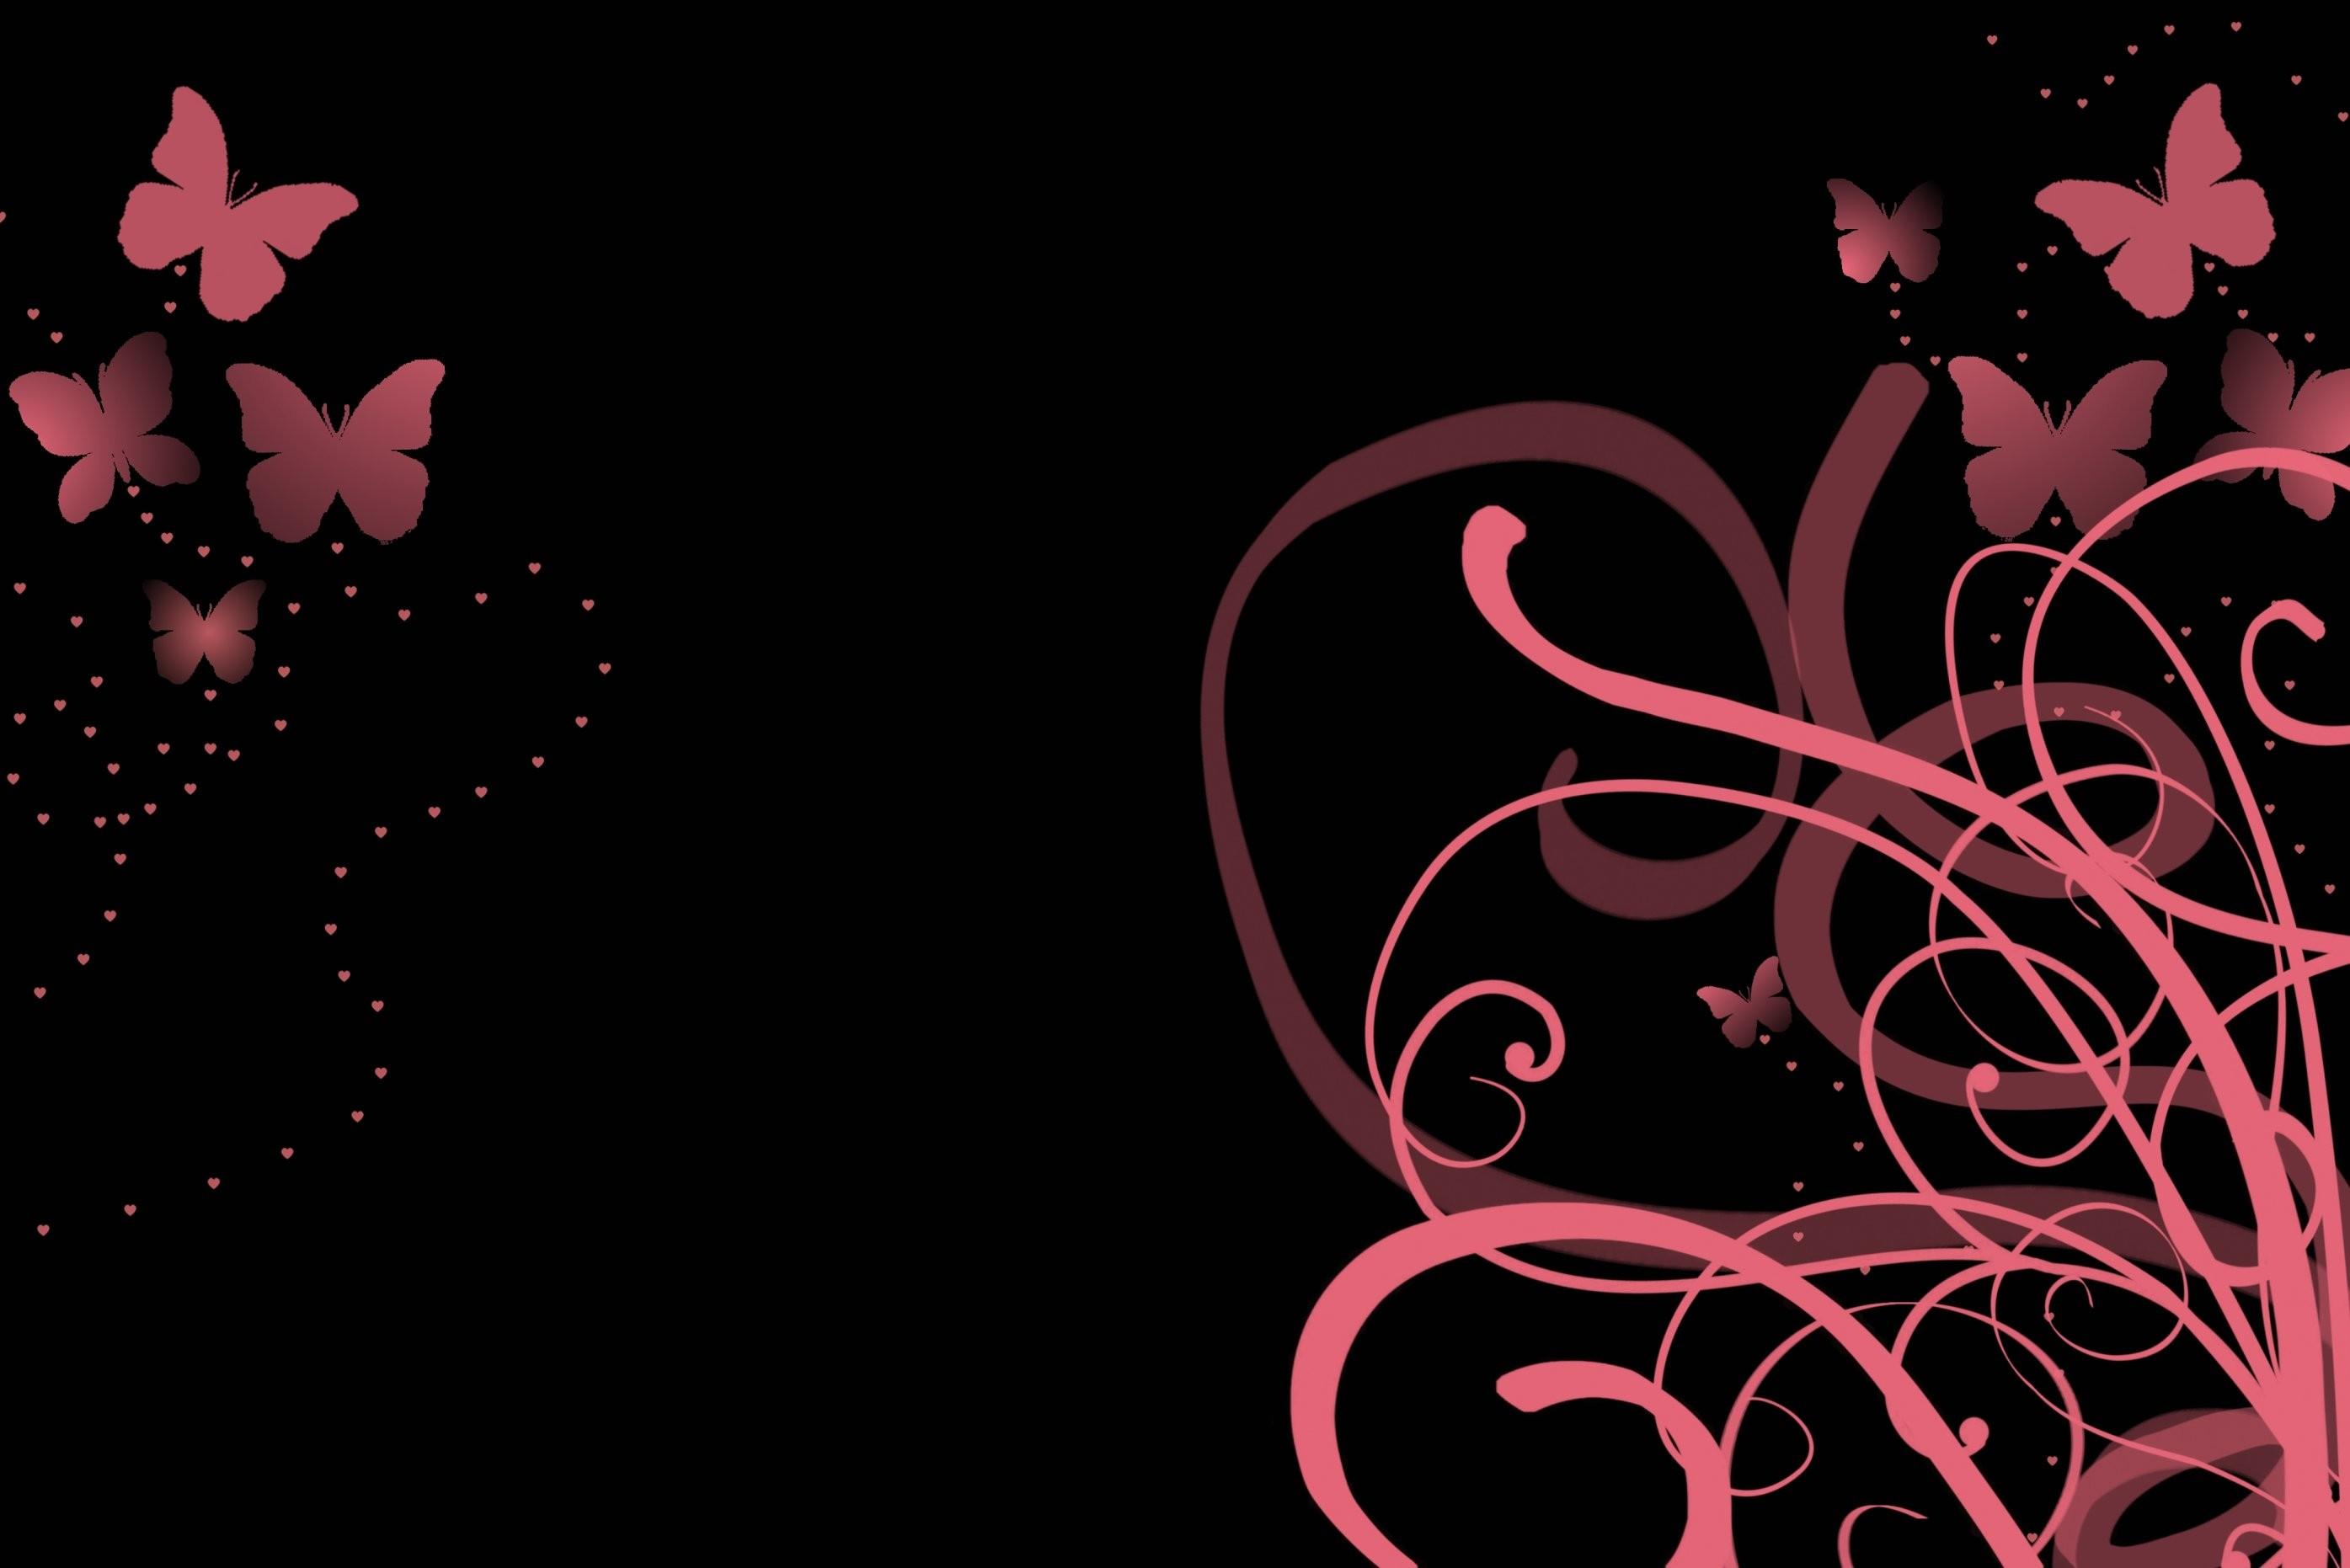 Black And Pink Desktop Wallpaper 79 Images